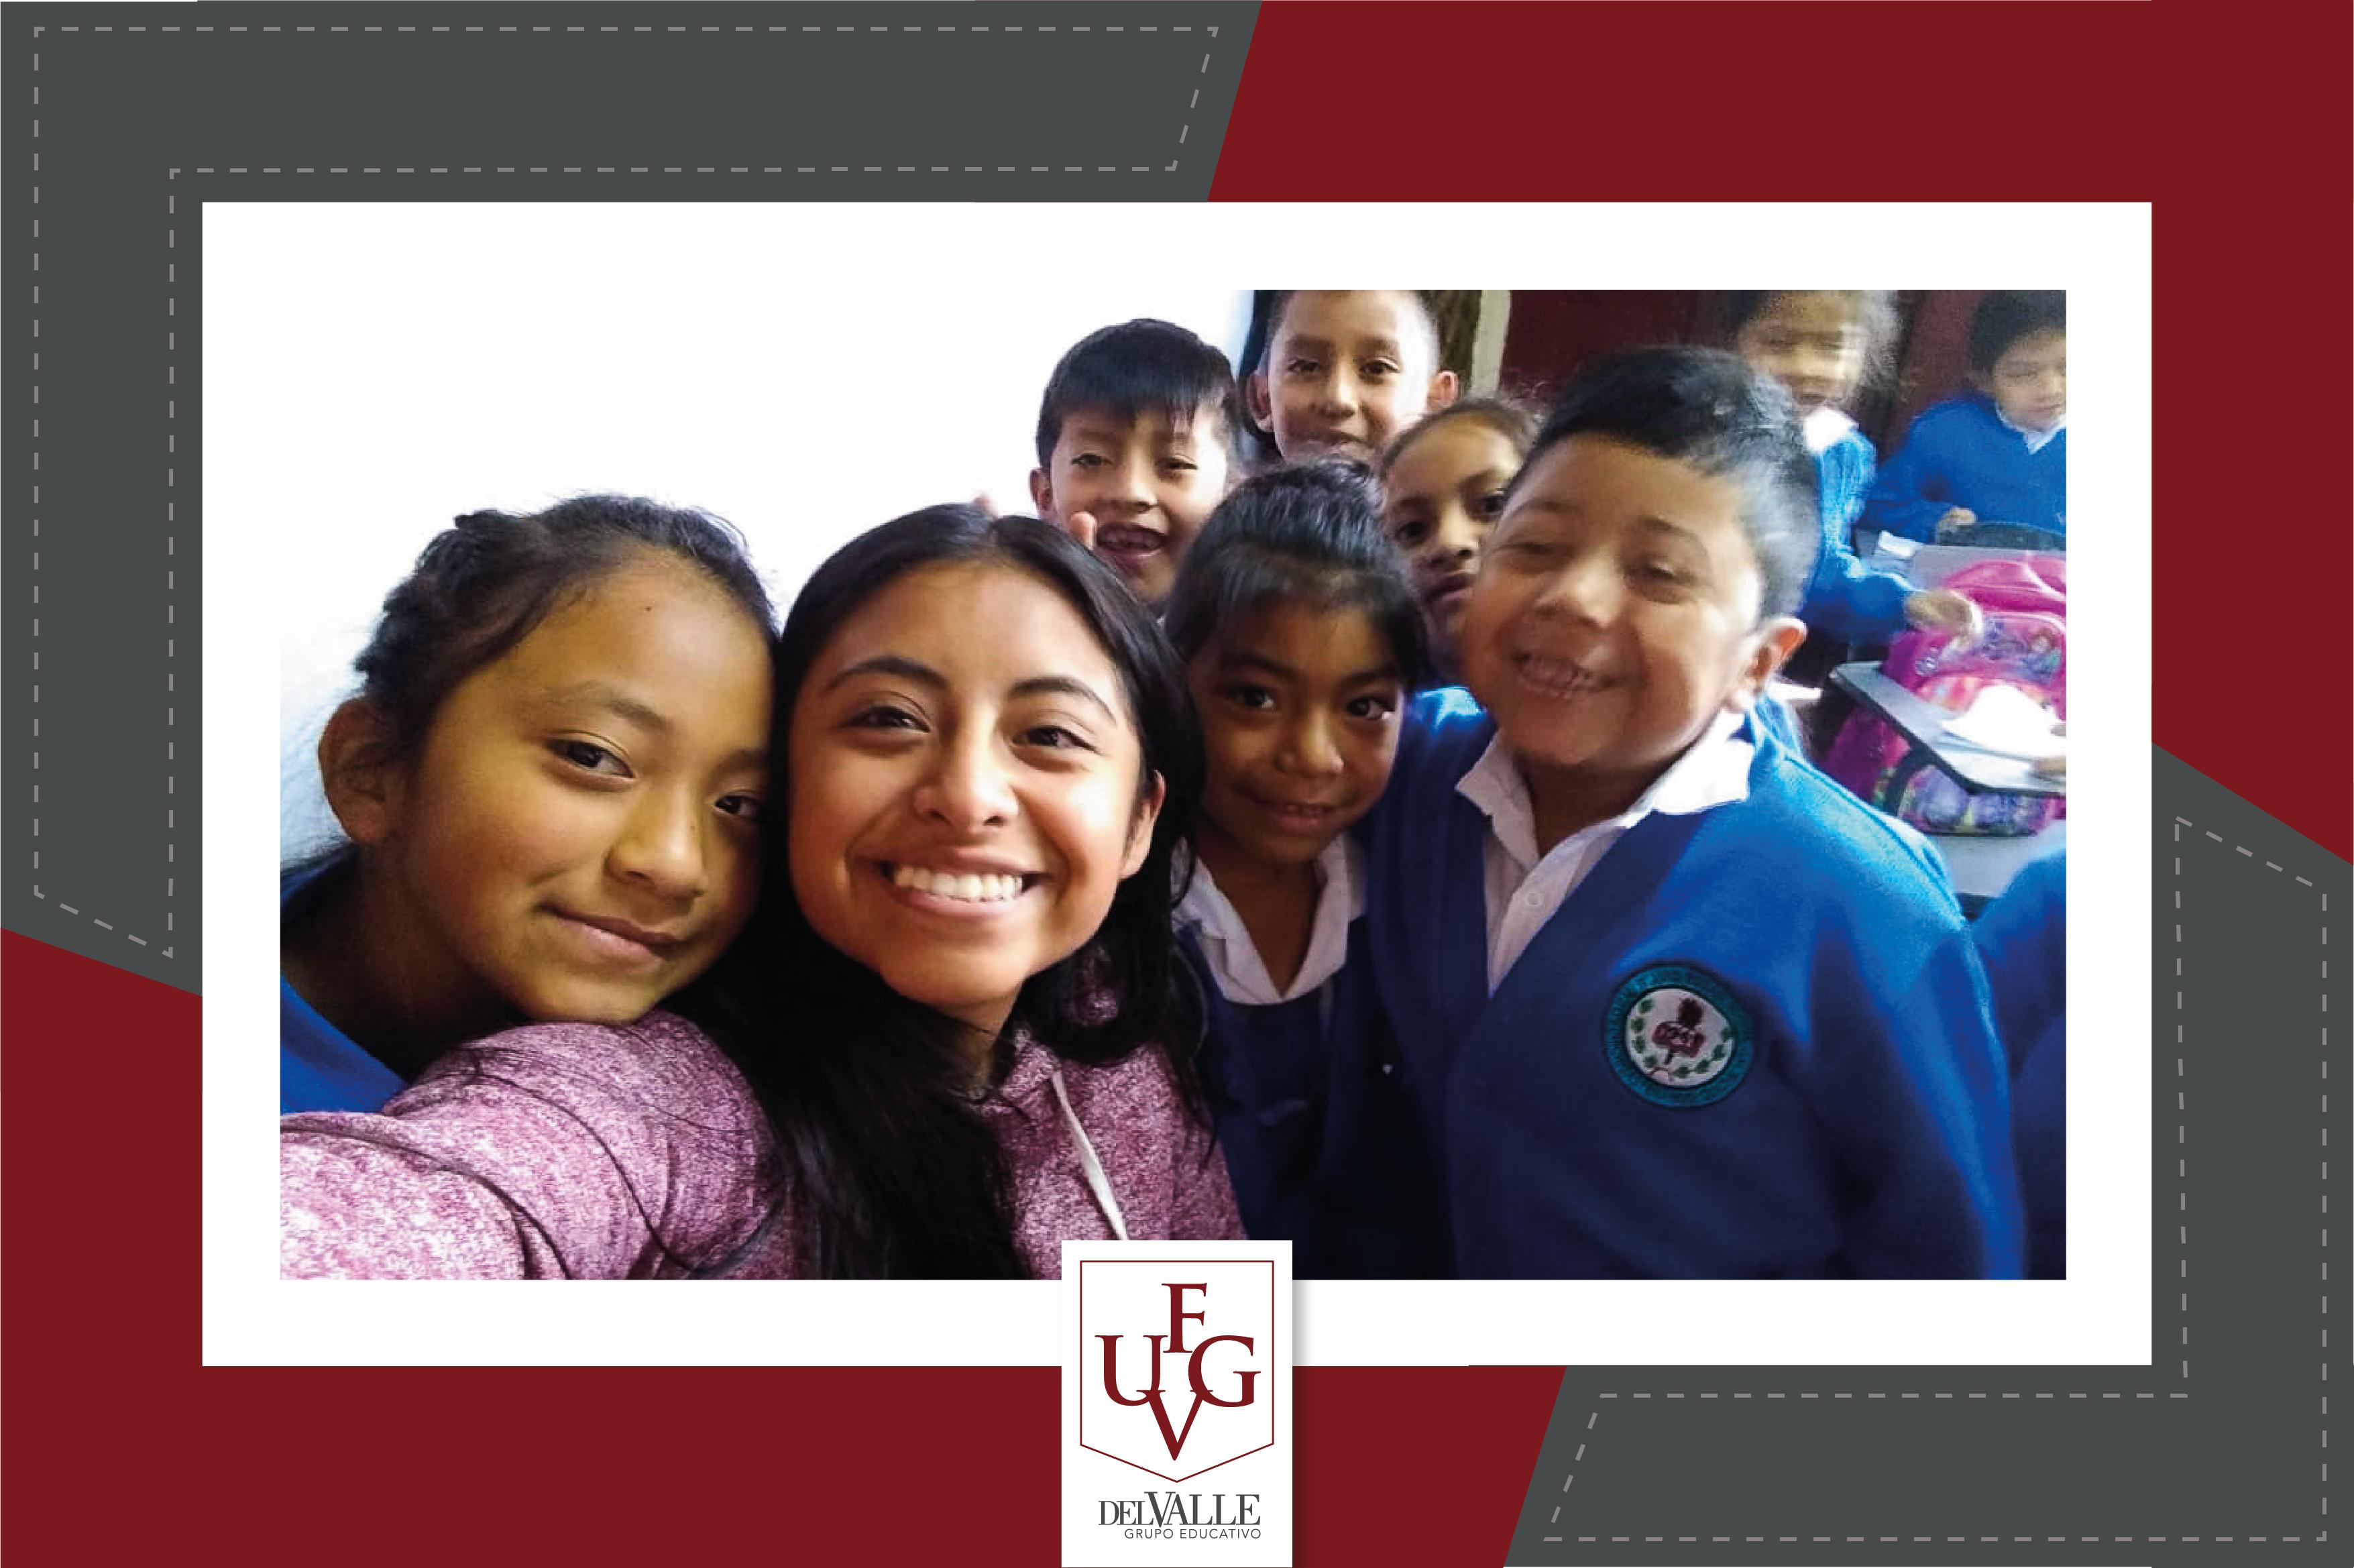 Ruth Panjoj y su pasión por ayudar a personas con problemas de aprendizaje en Guatemala